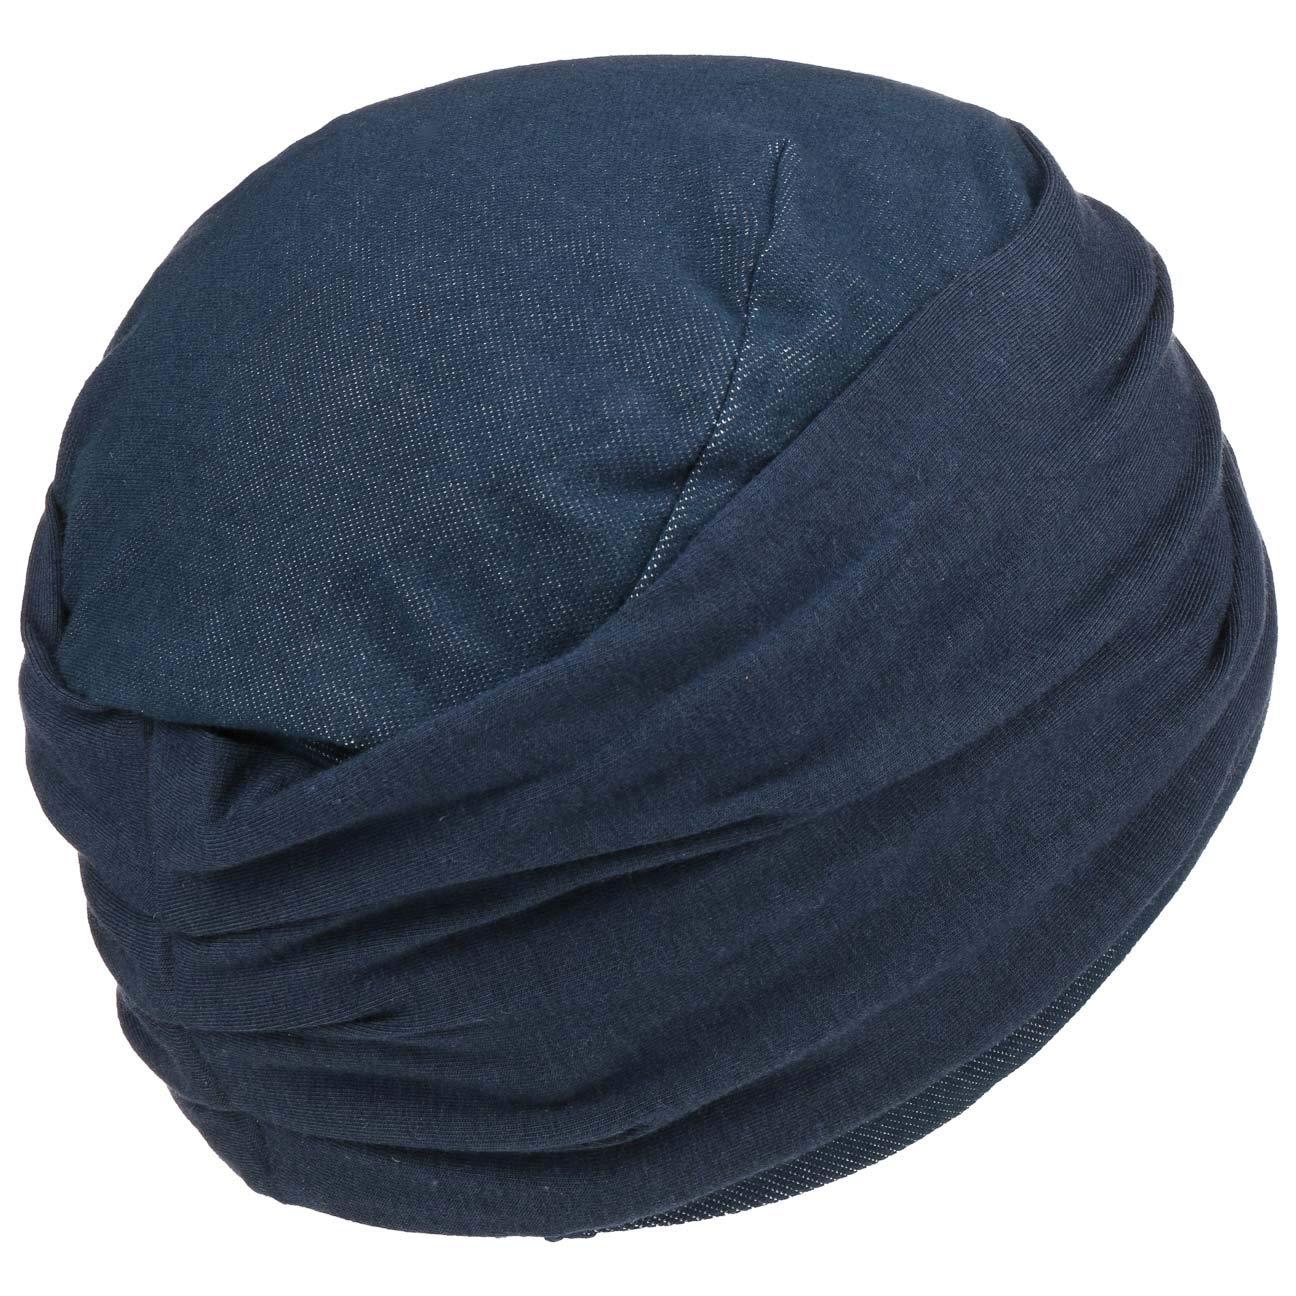 Christine Headwear Zoya Stretchy Denim Turban Stoffturban Damenturban Kopftuch Chemo-Kopfbedeckung Mit Futter